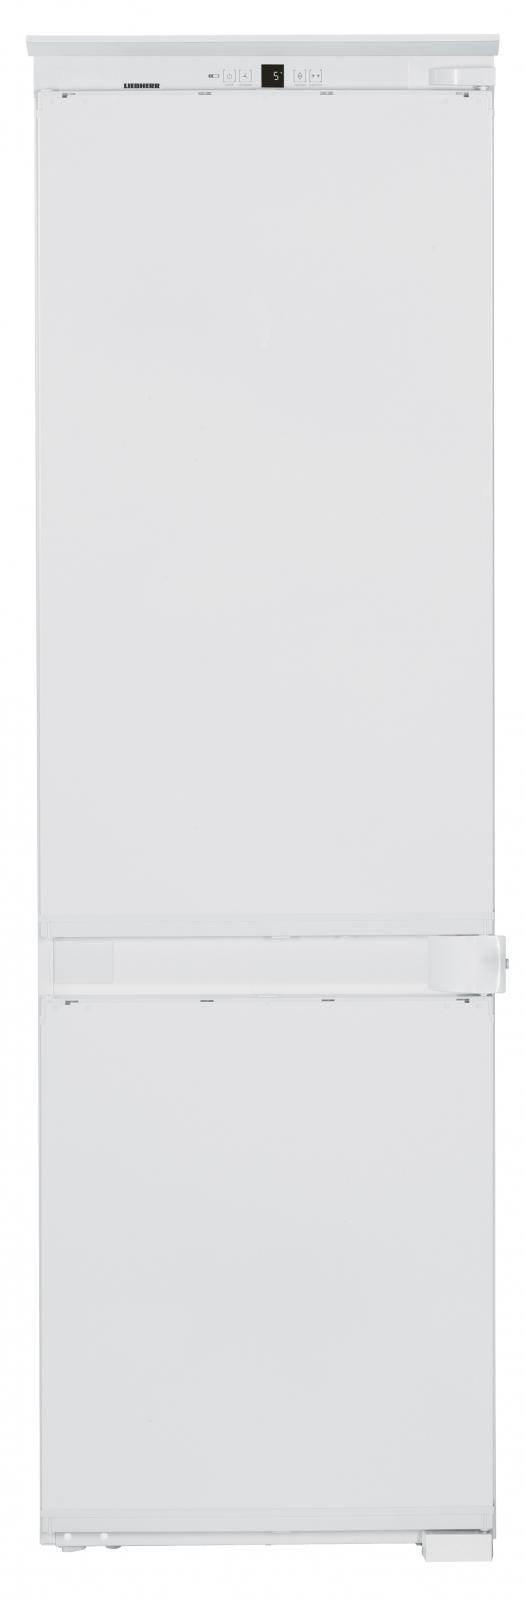 купить Встраиваемый двухкамерный холодильник Liebherr ICUS 3324 Украина фото 1